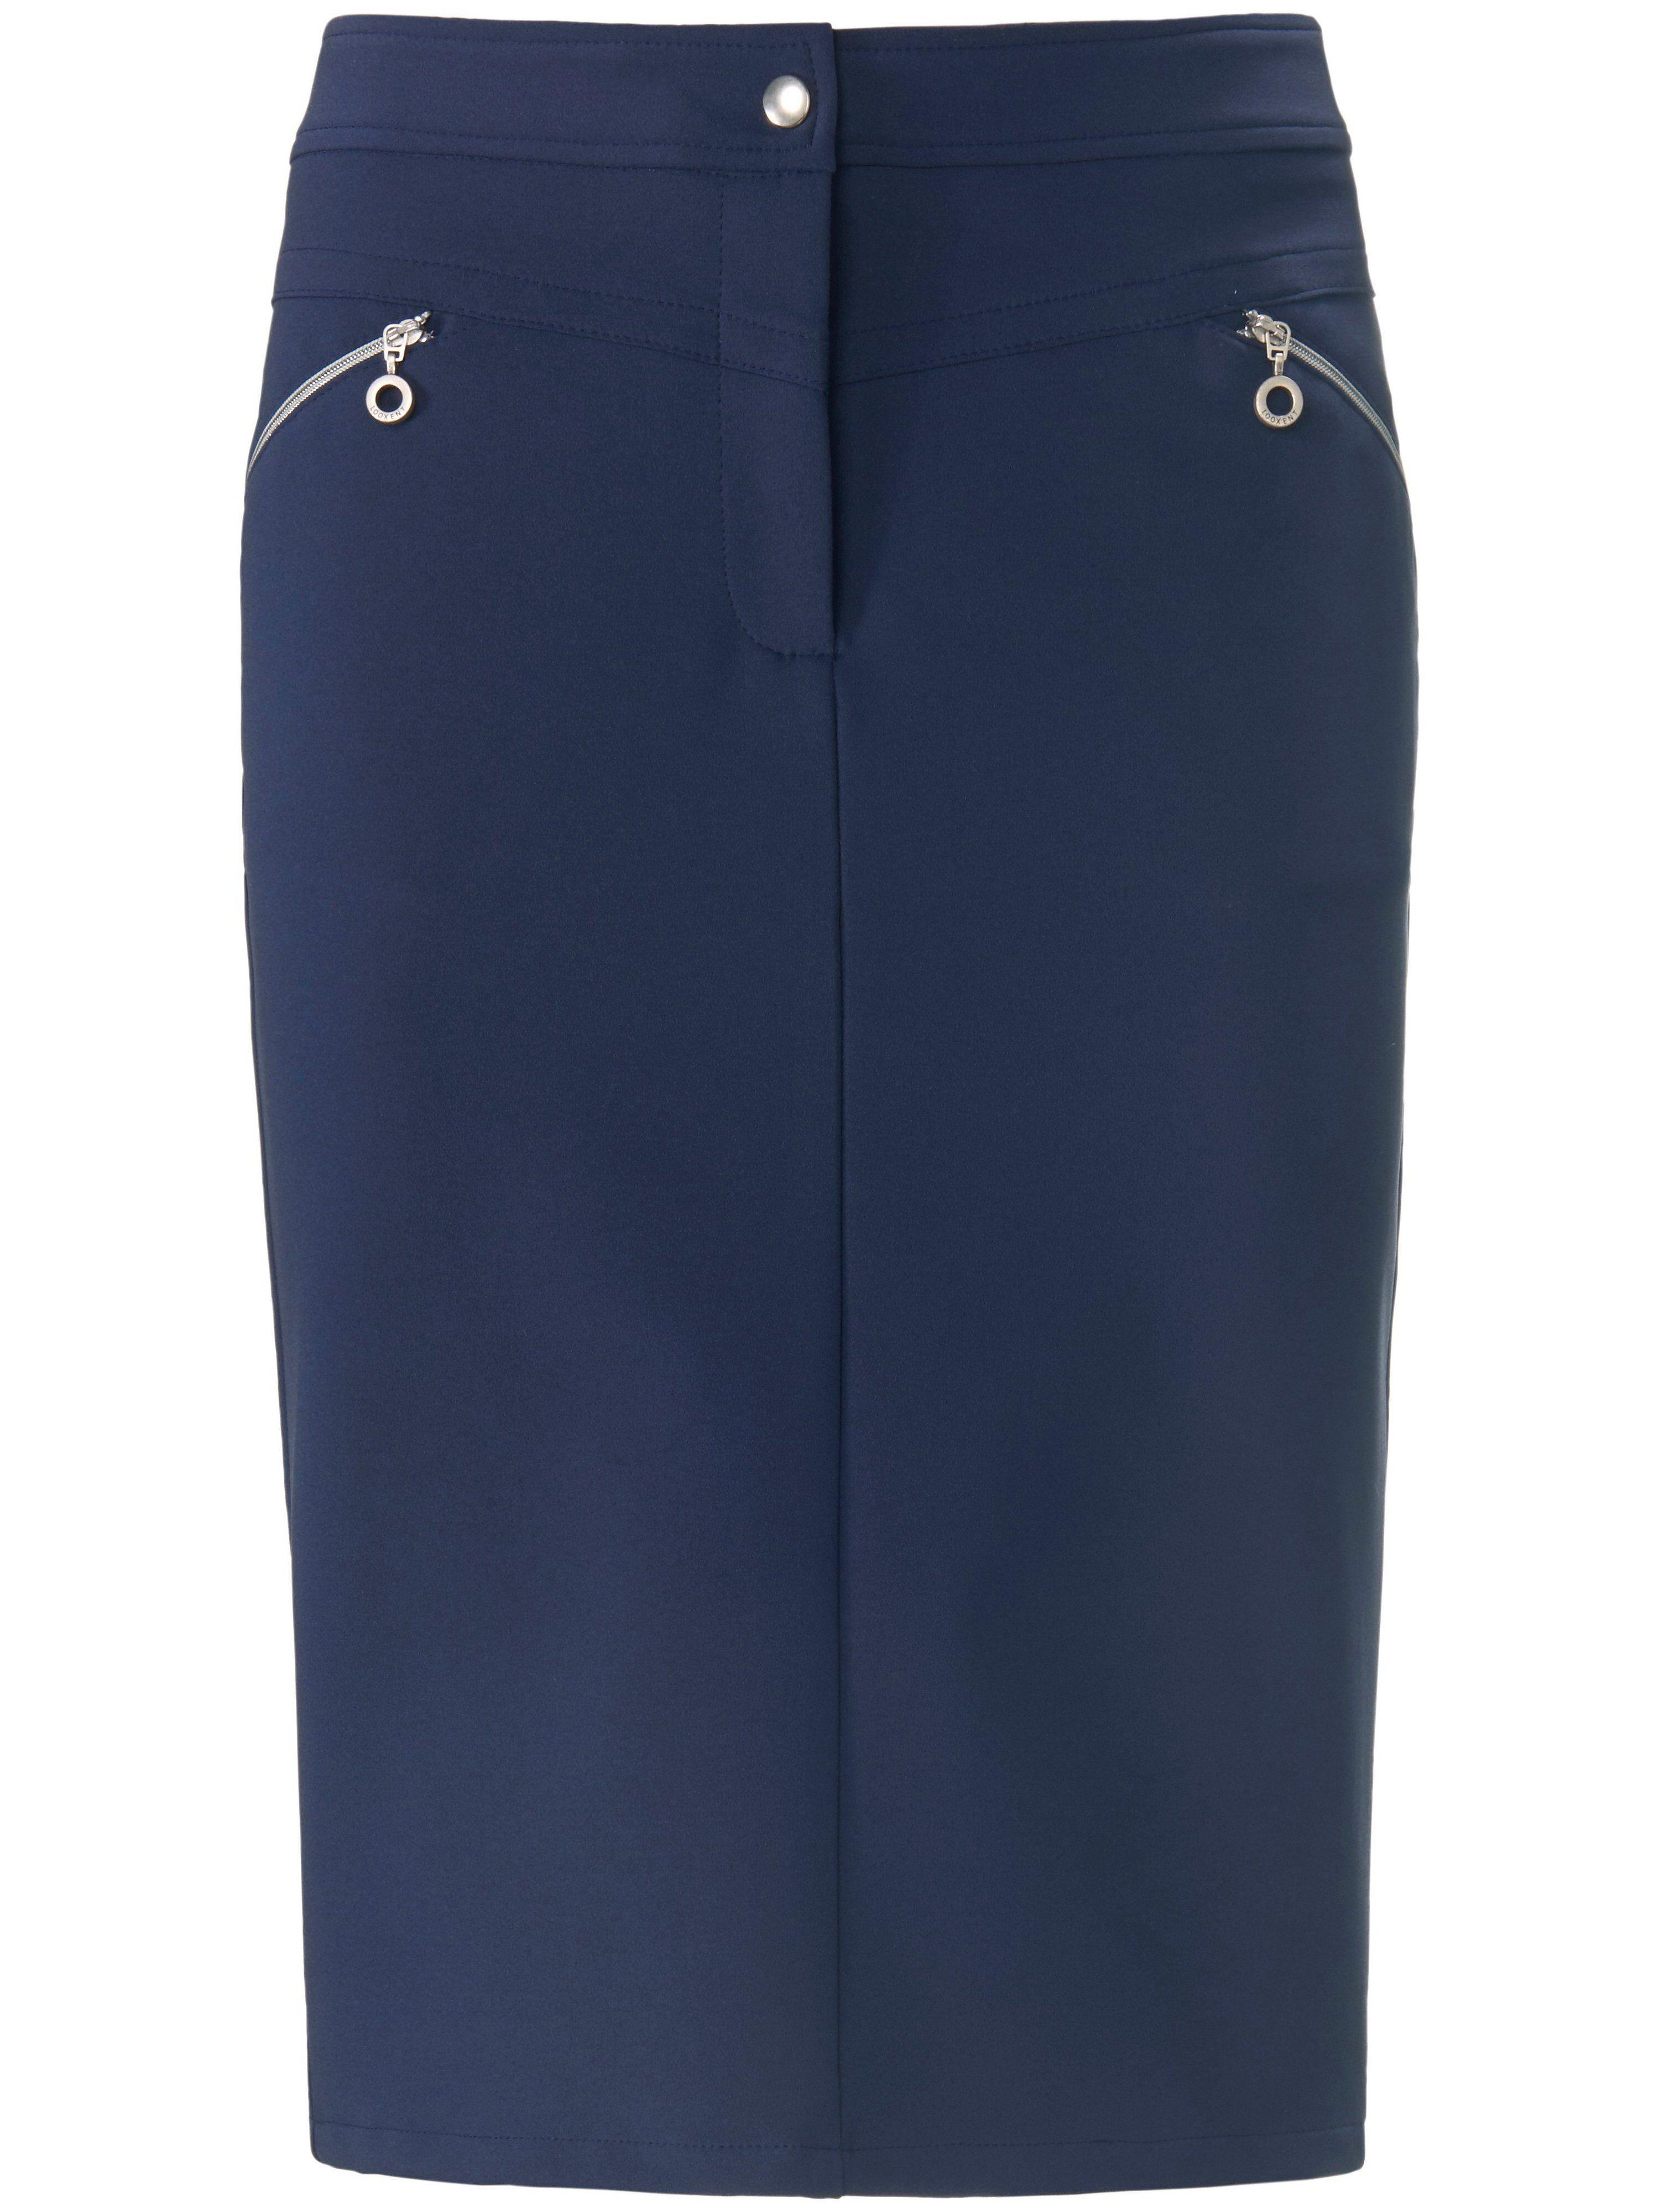 Looxent La jupe ligne droite  Looxent bleu  - Femme - 42